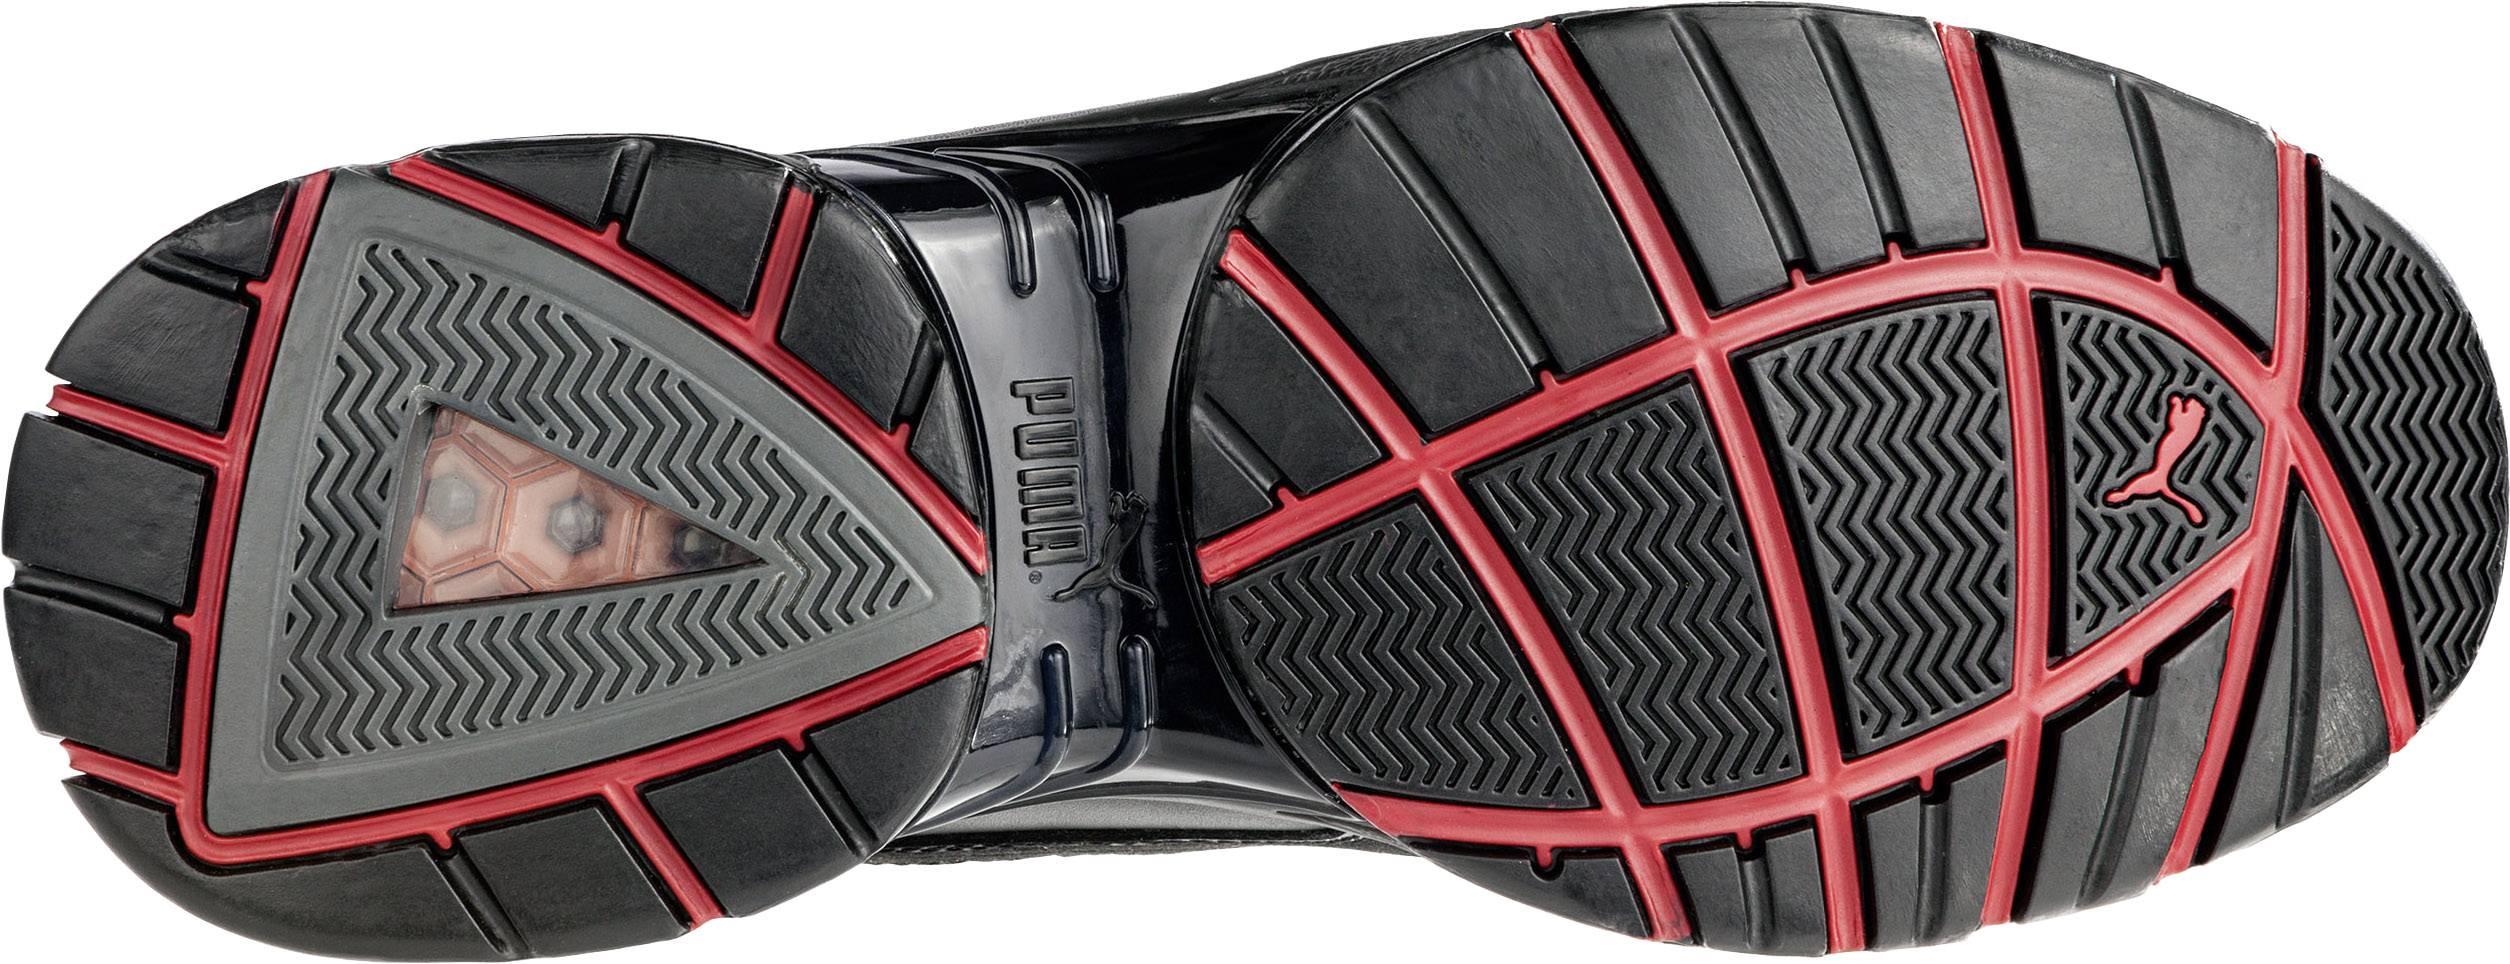 Chaussures basses de sécurité S1P Taille: 42 PUMA Safety FUSE MOTION RED LOW HRO SRA 642540 coloris noir, rouge 1 paire